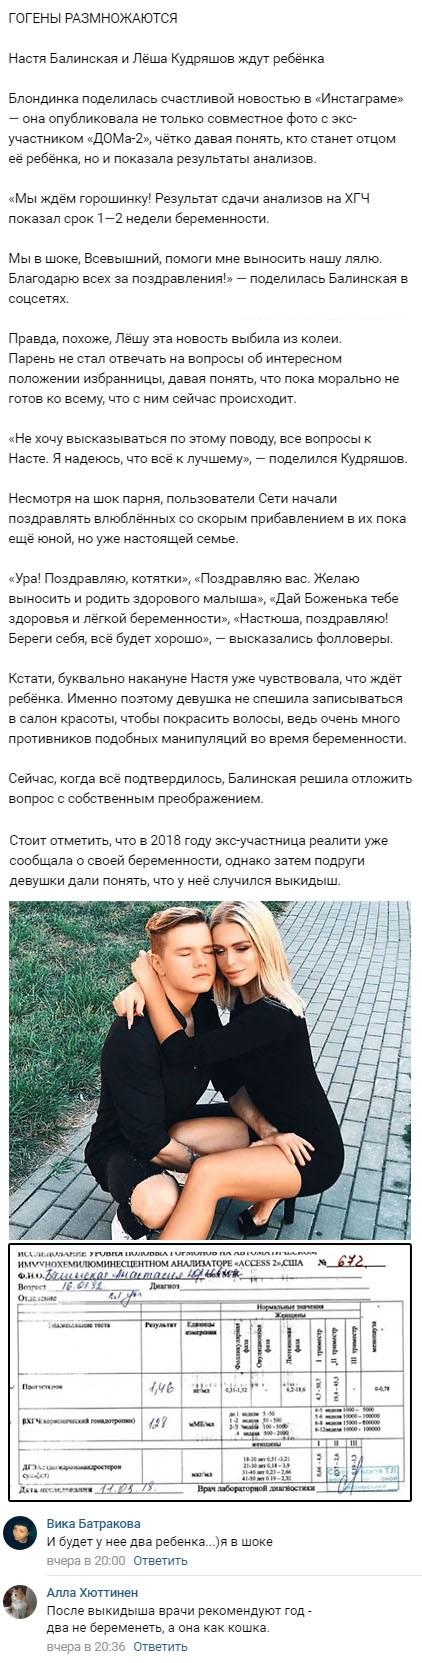 Анастасия Балинская в очередной раз объявила о беременности